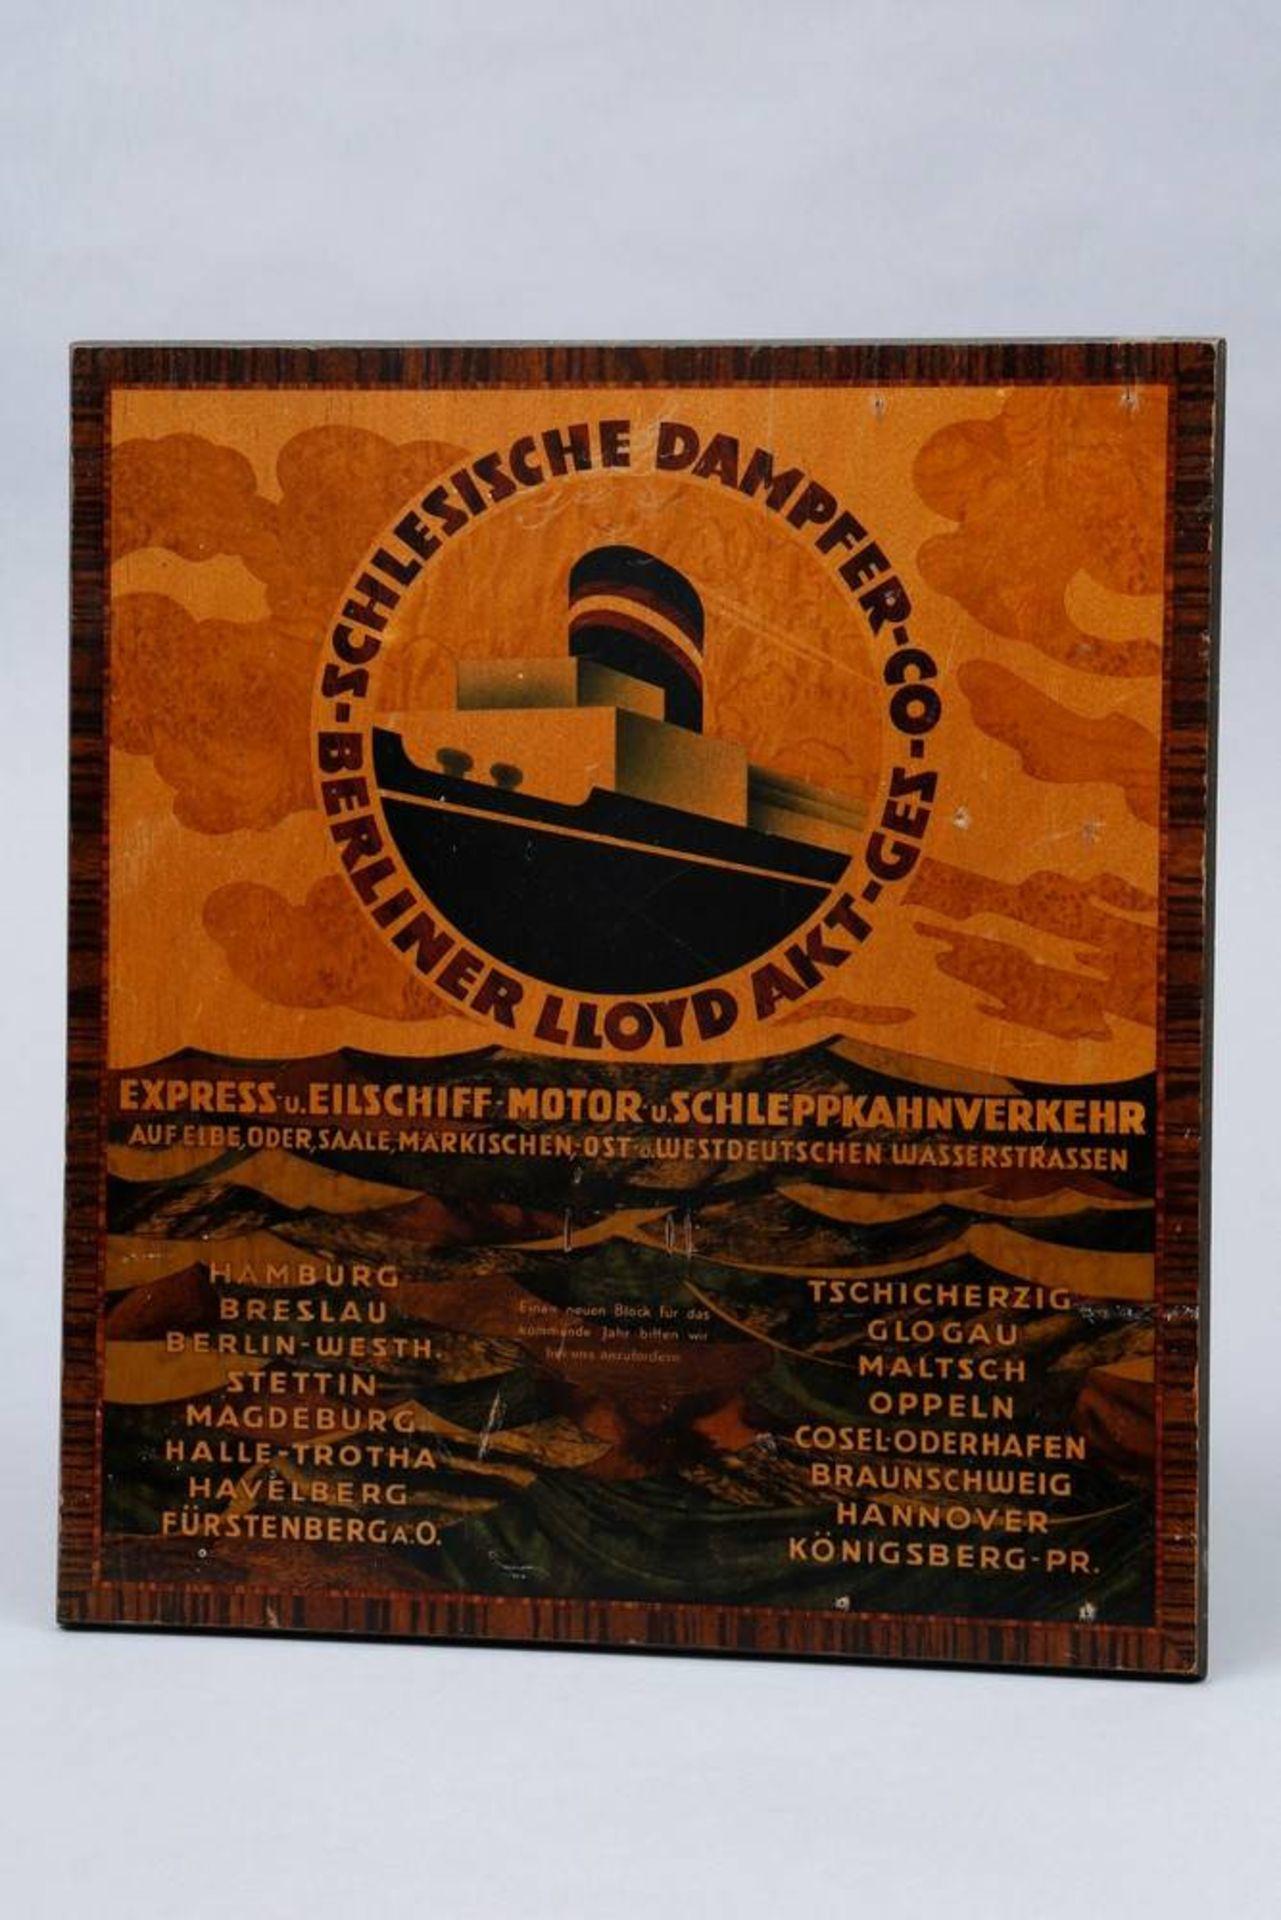 """Kalender-Werbetafel, """"Schlesischer Dampfer-Co-Berliner Lloyd Akt-Gez"""", um 1920/"""